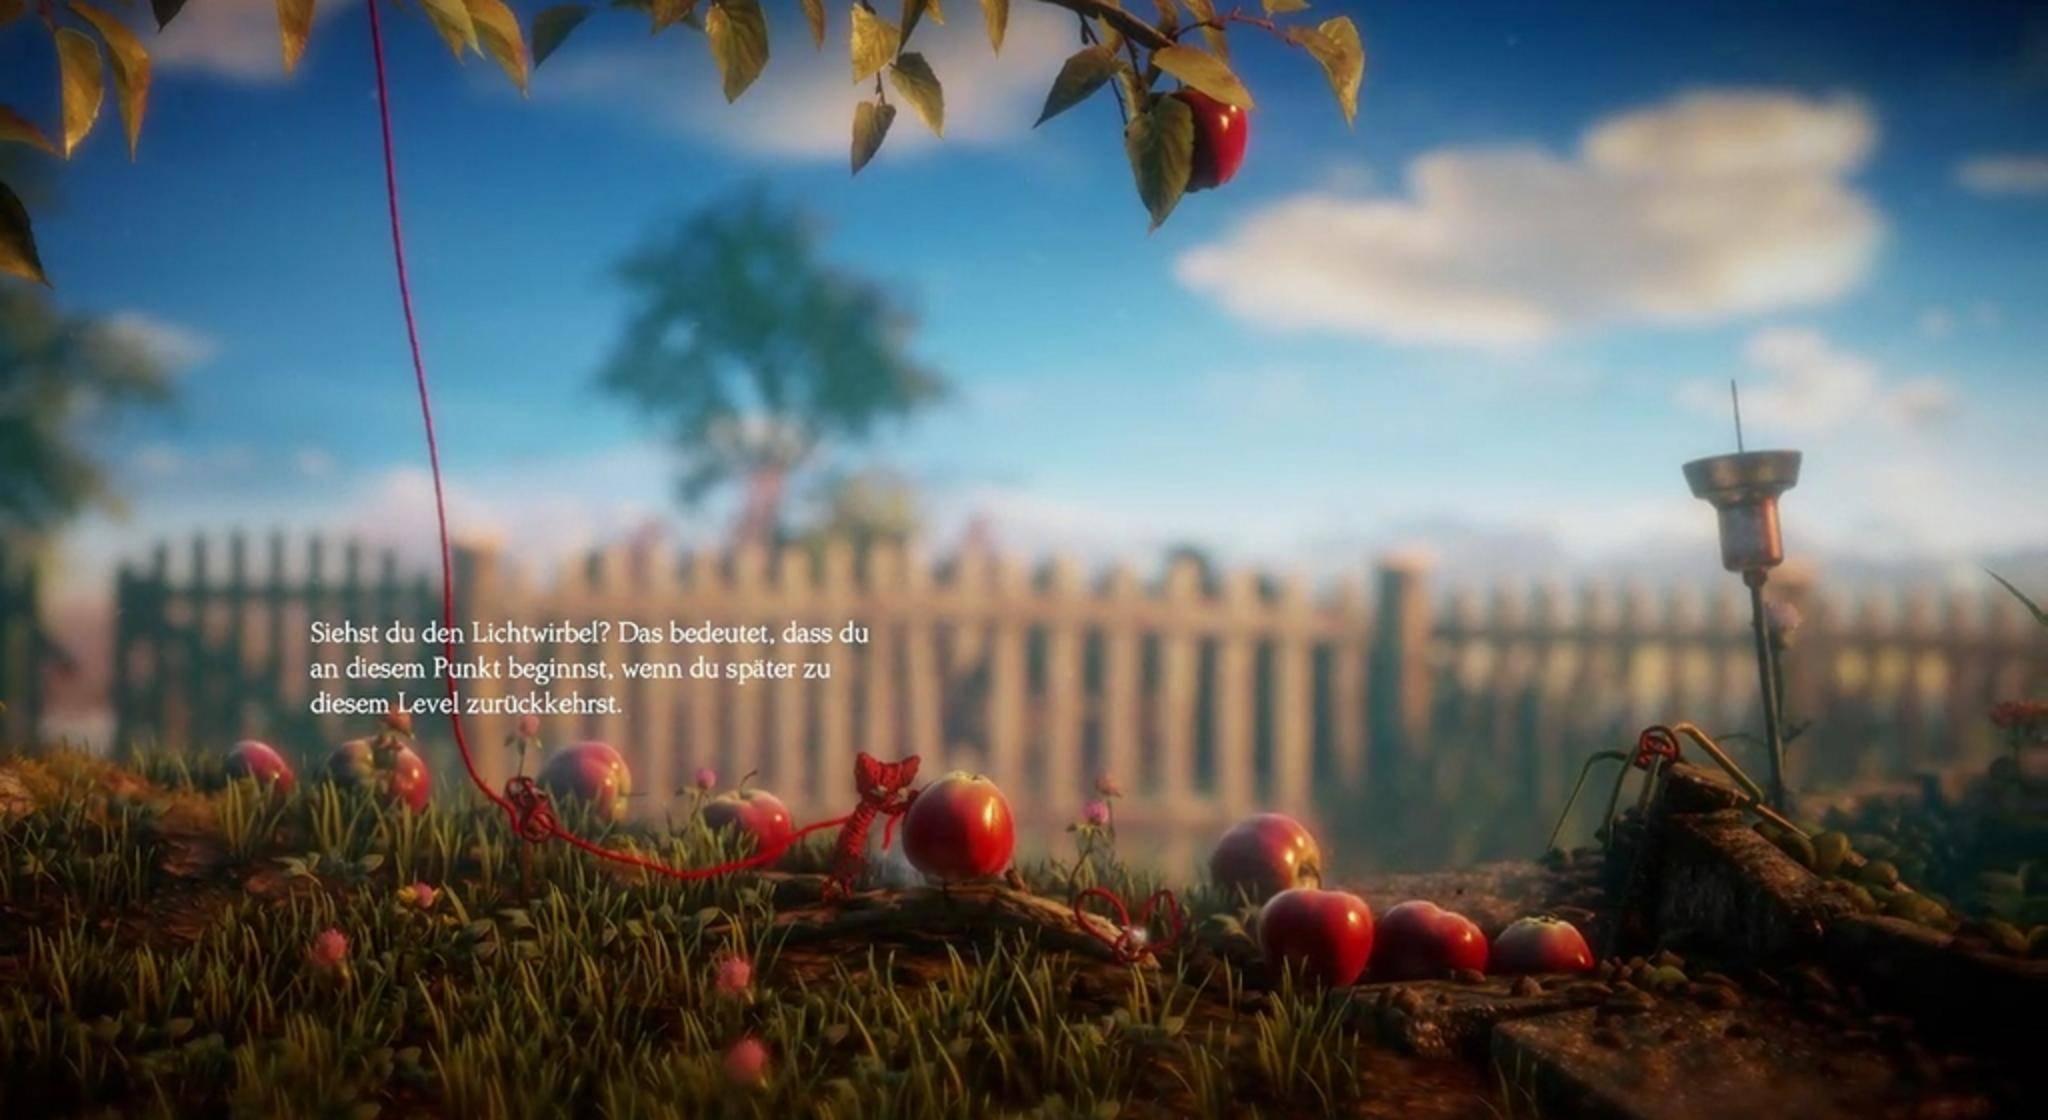 In diese Äpfel möchte man am liebsten reinbeißen.